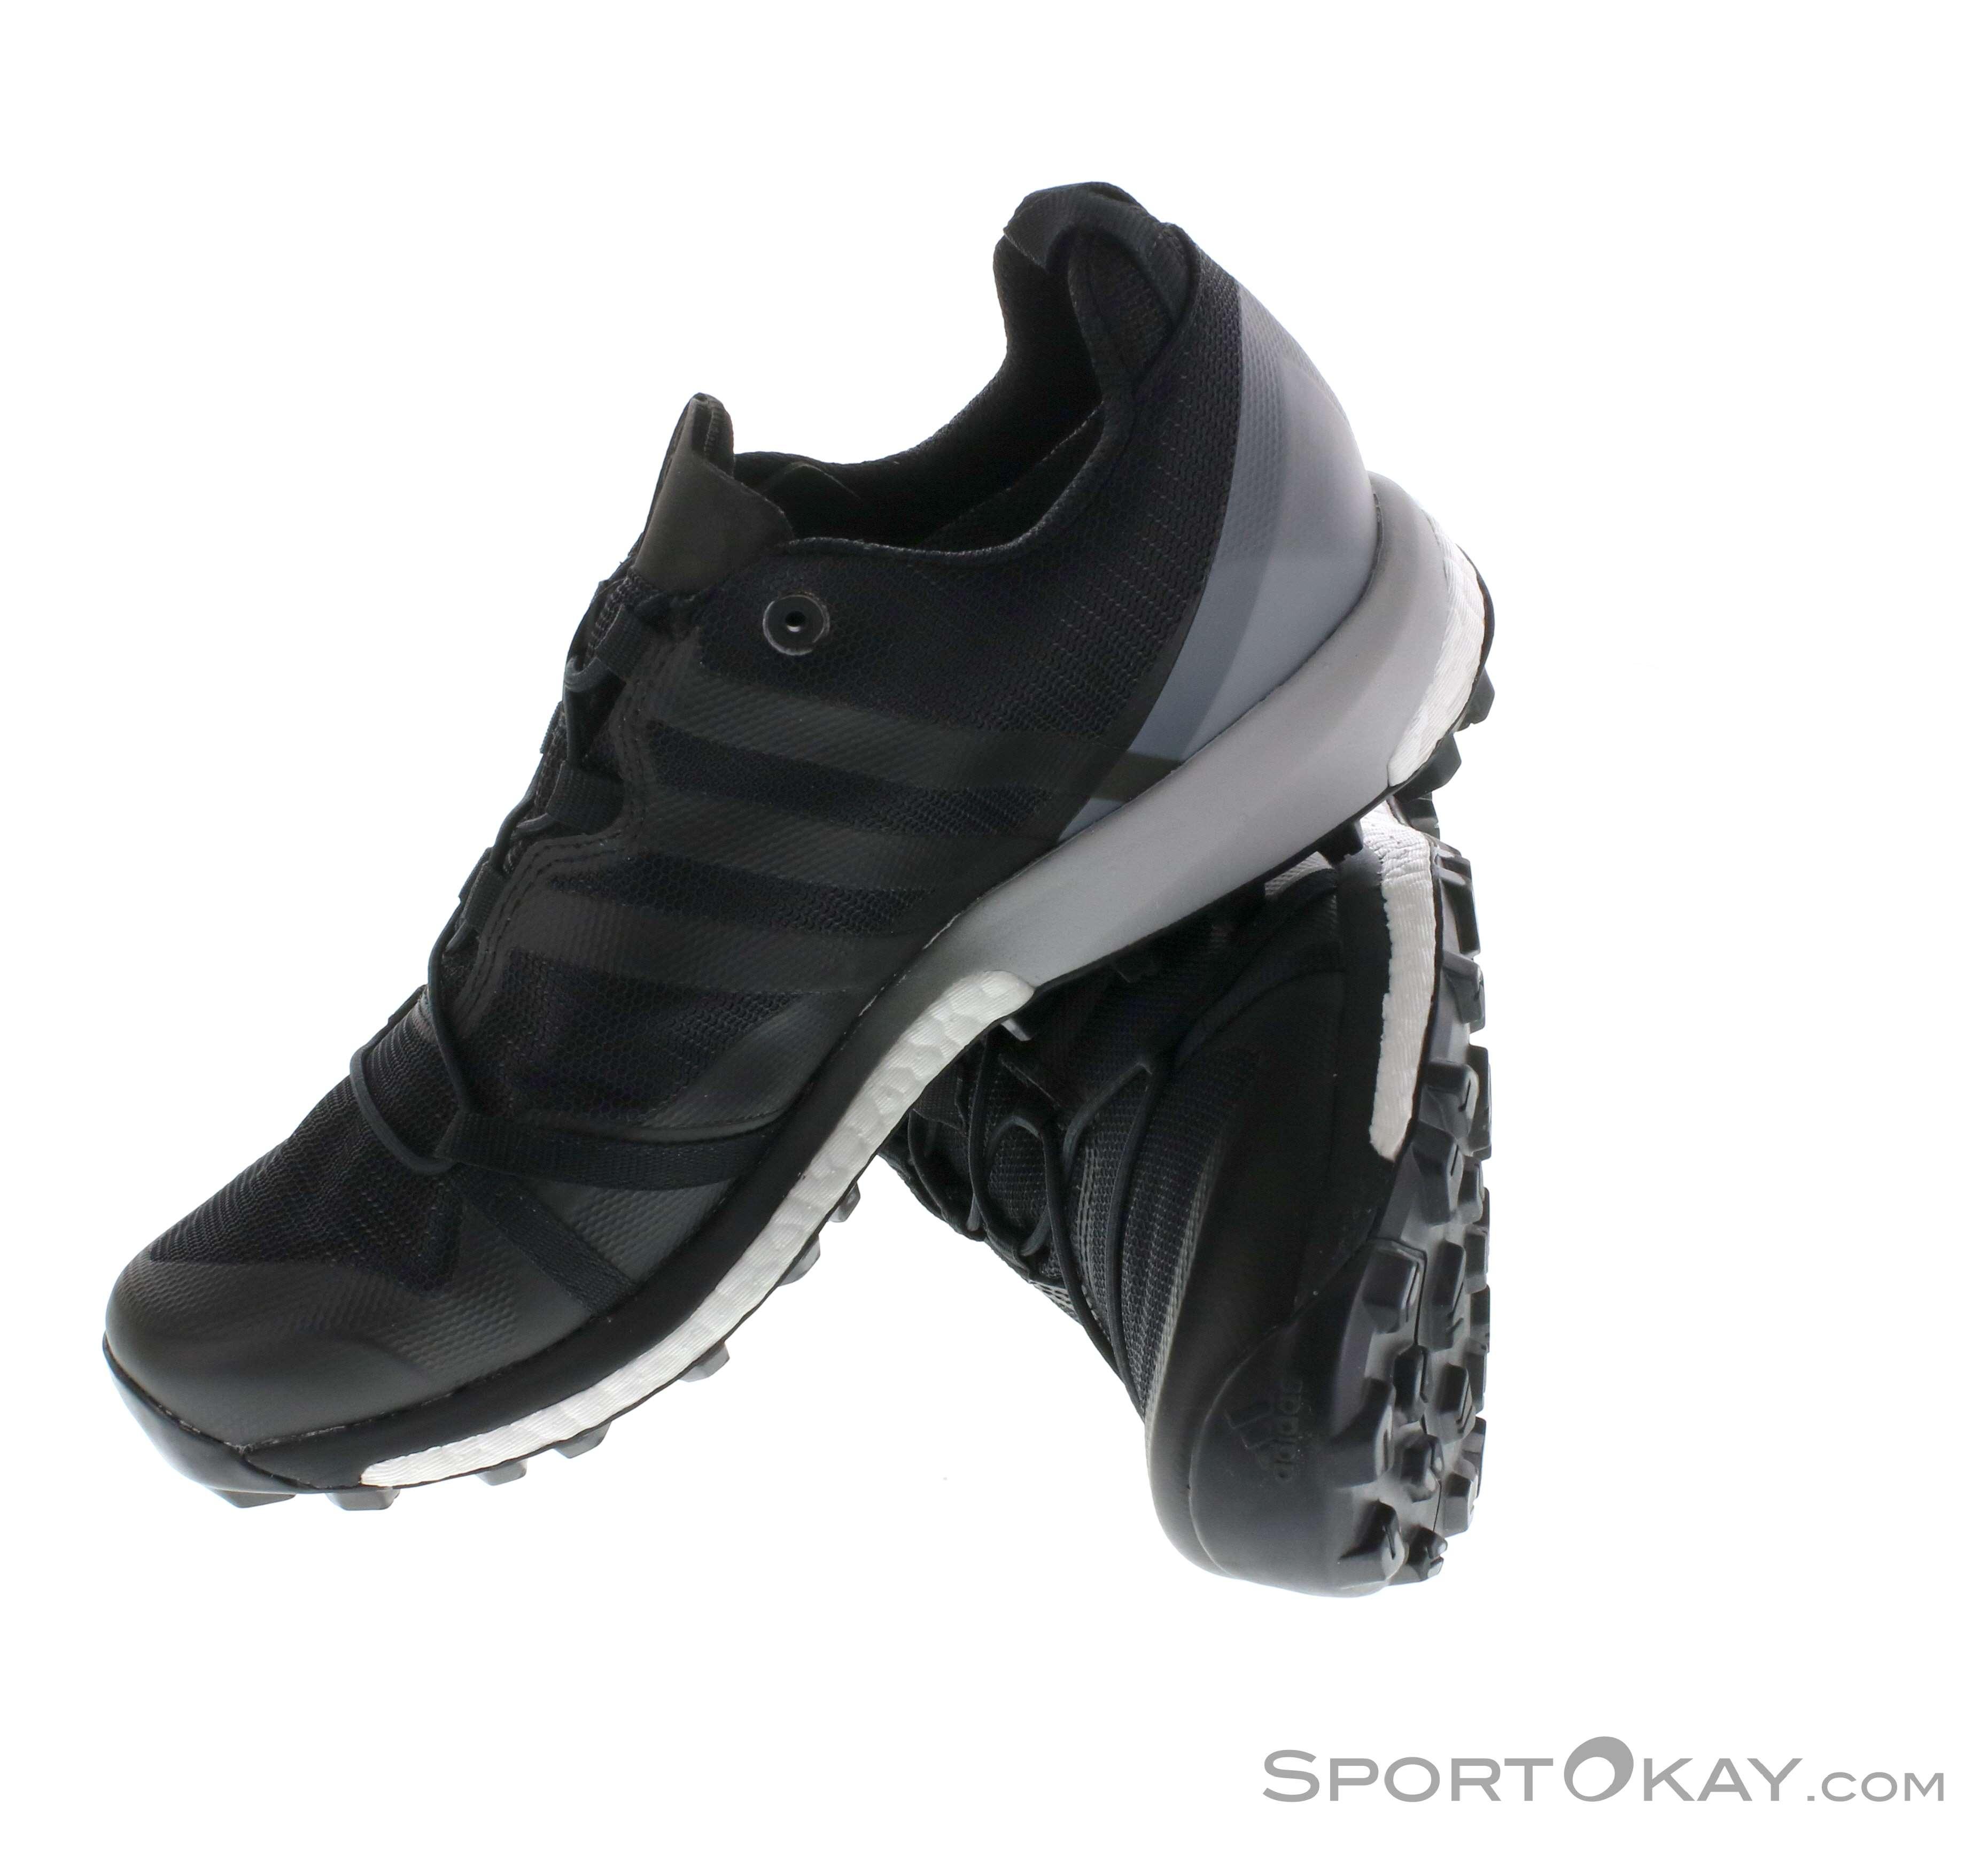 adidas Herren Traillaufschuh Terrex Agravic GTX, Scarpe da Trail Running Uomo